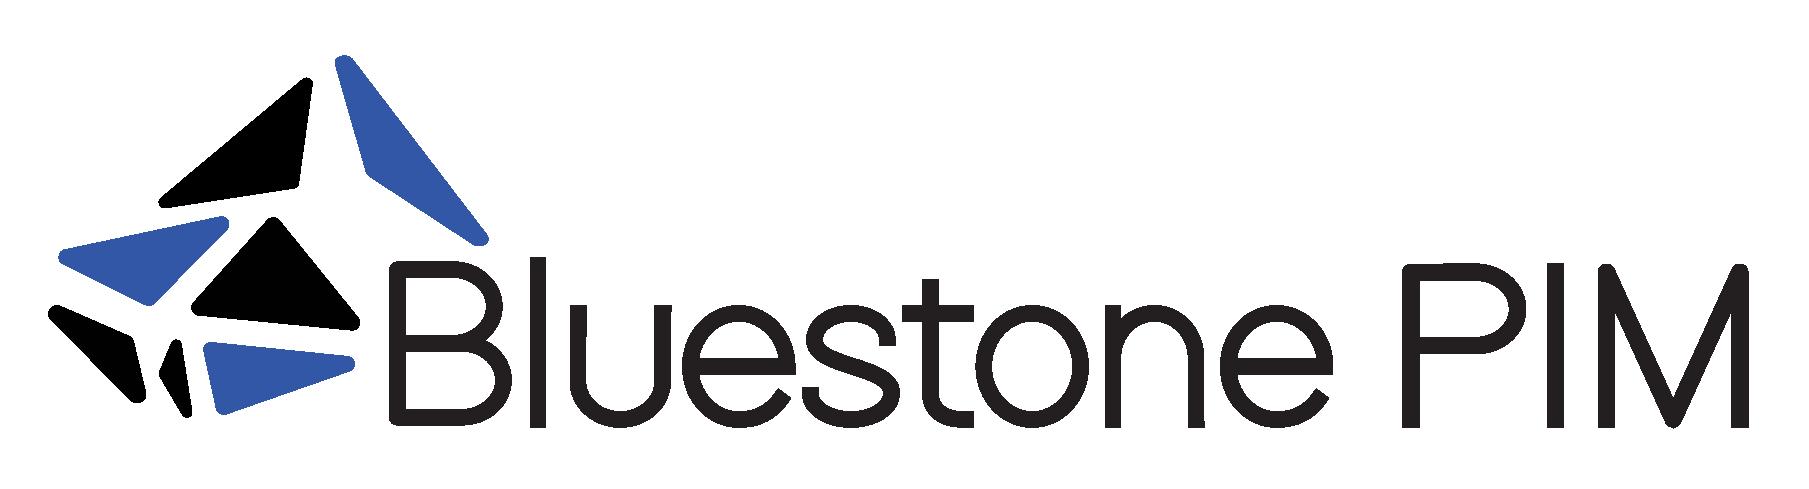 Color Bluestone PIM logo large size